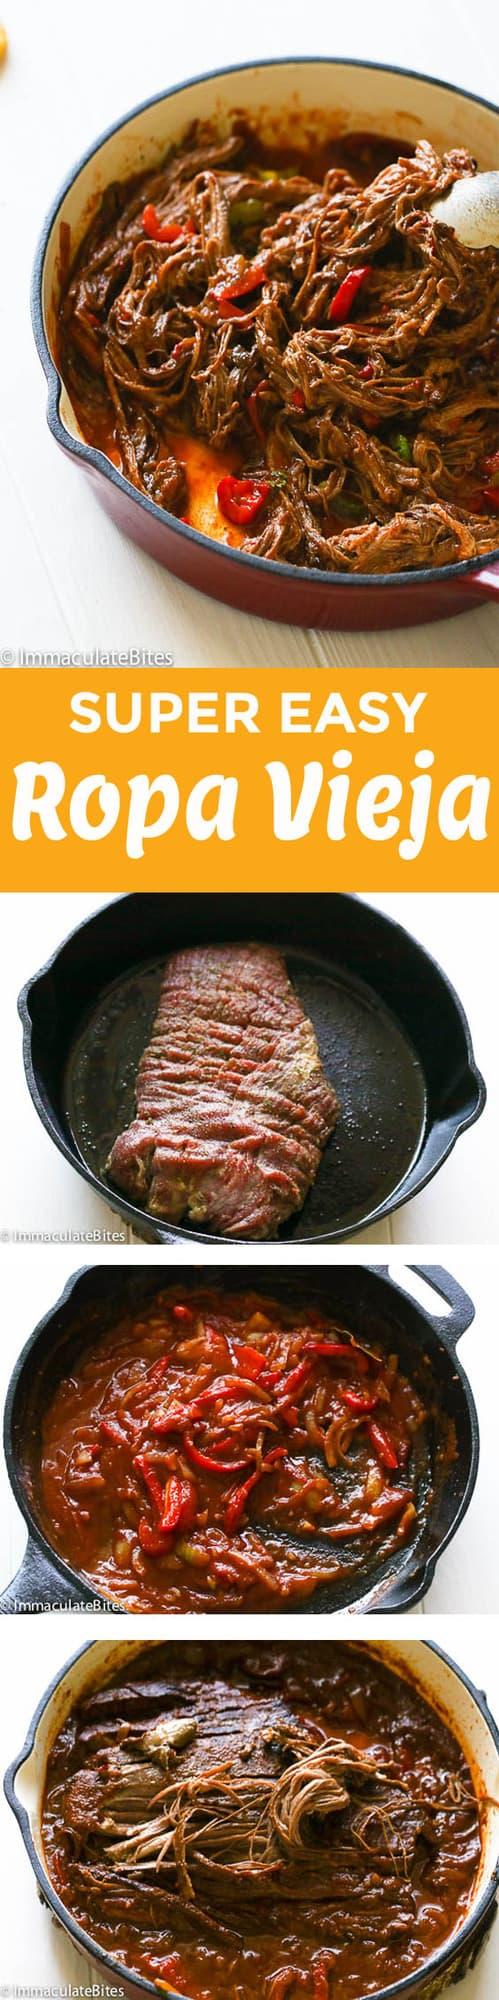 ropa vieja with steps